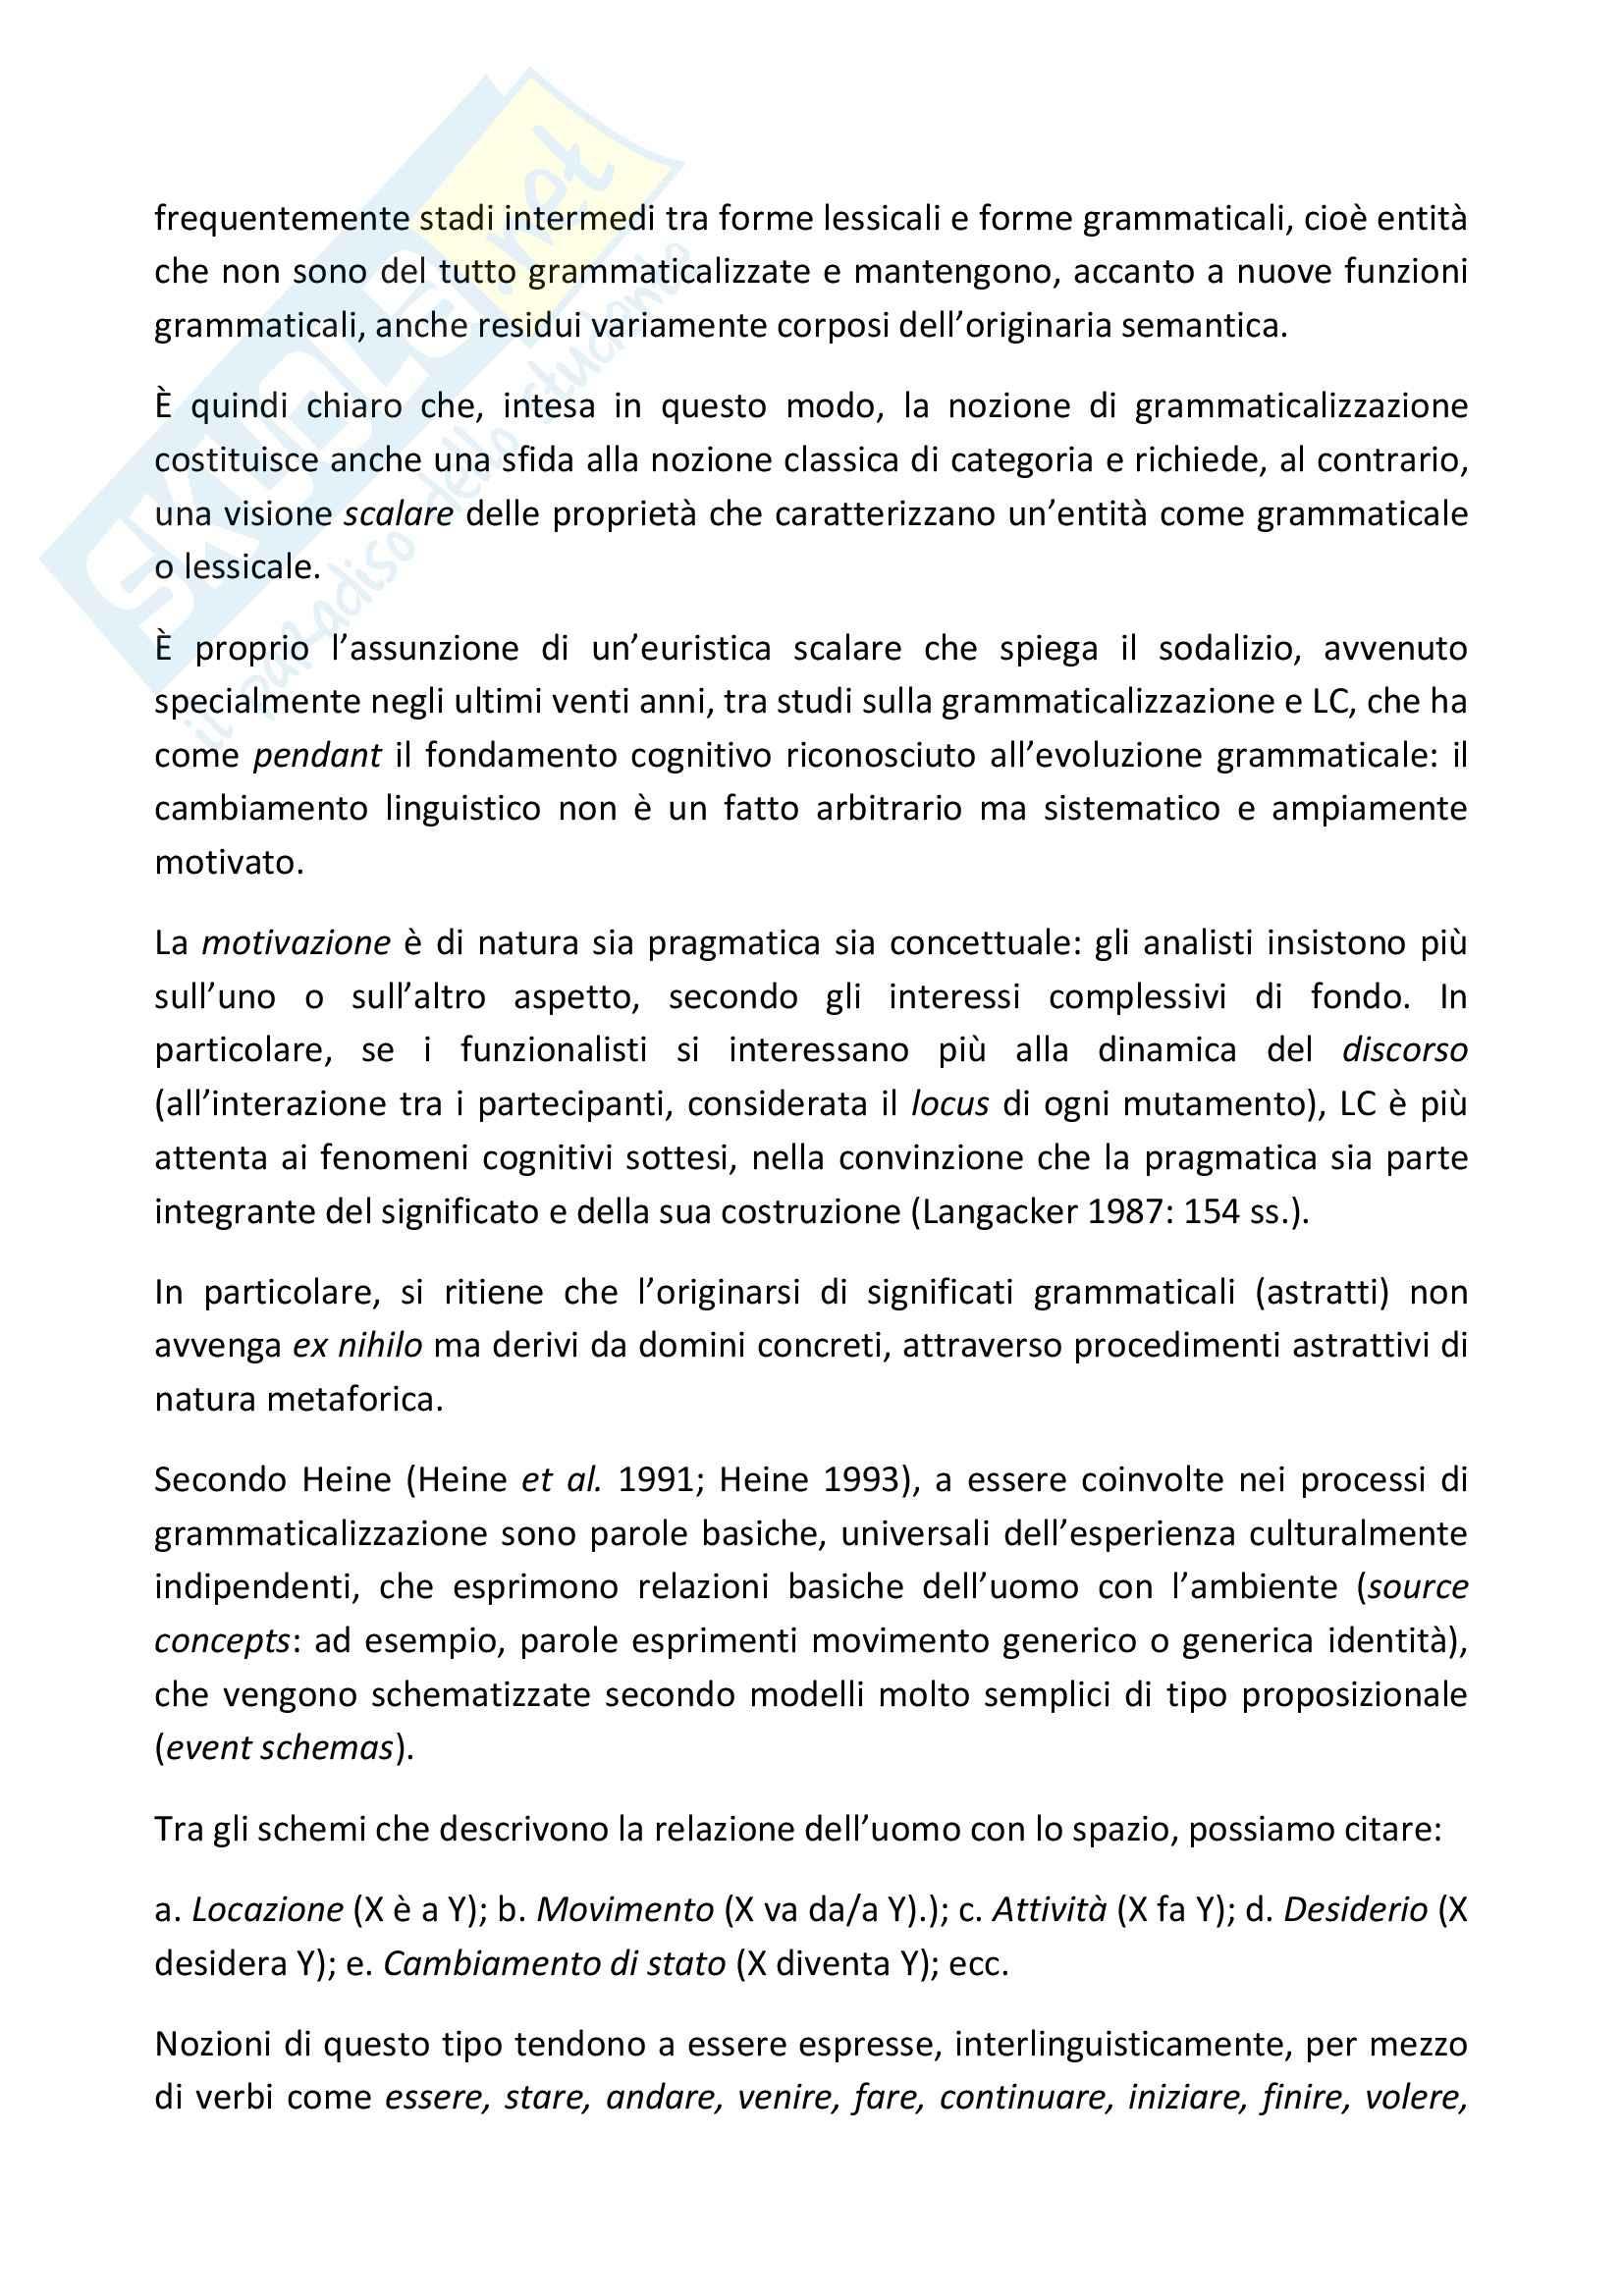 Linguistica - la grammaticalizzazione Pag. 2